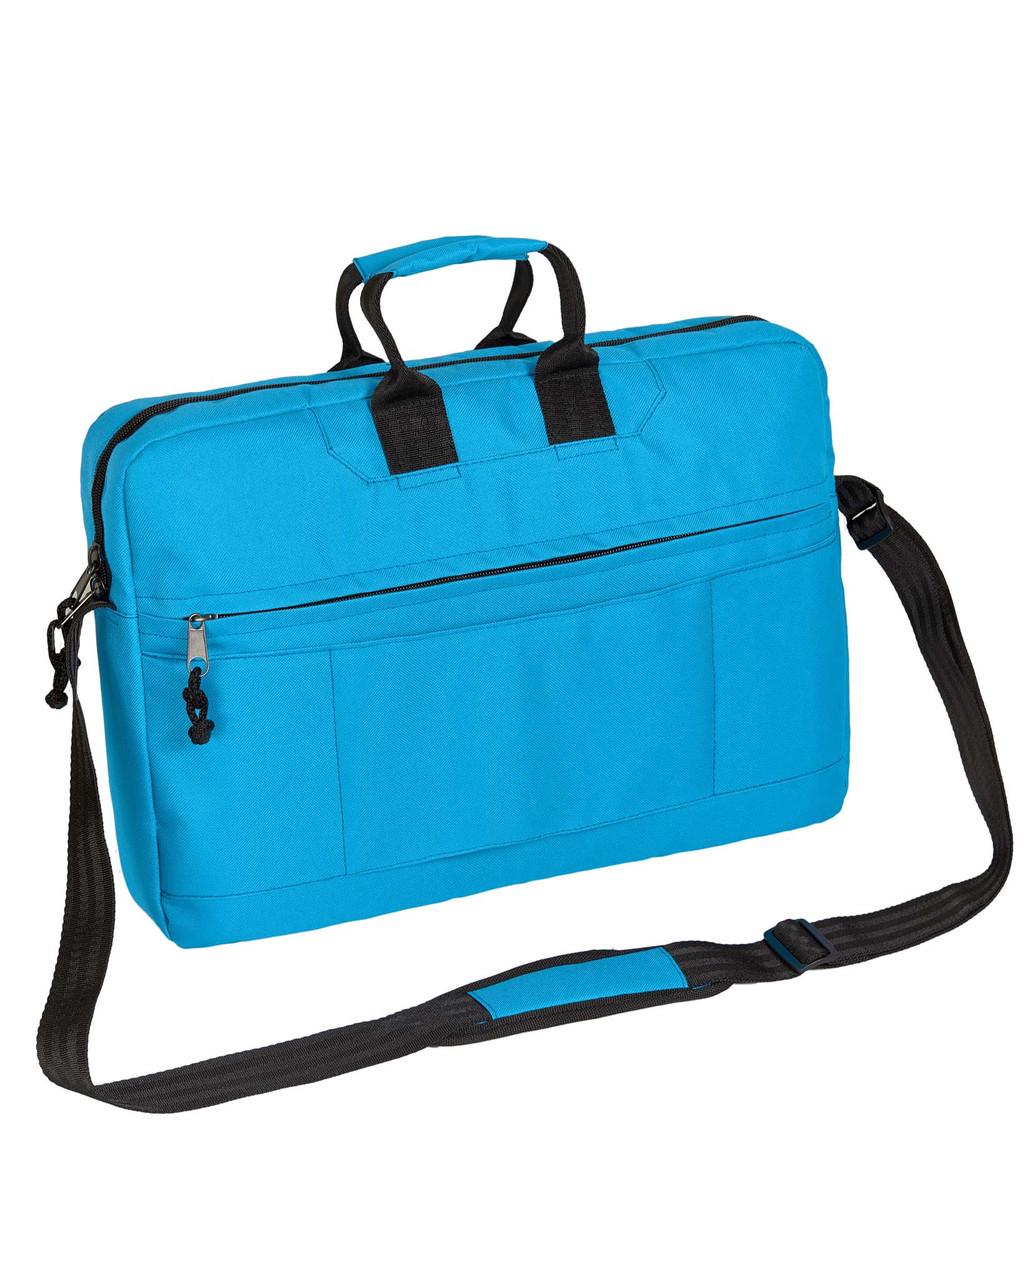 Сумка для ноутбука Surikat голубая (мужская сумка, женская сумка, под